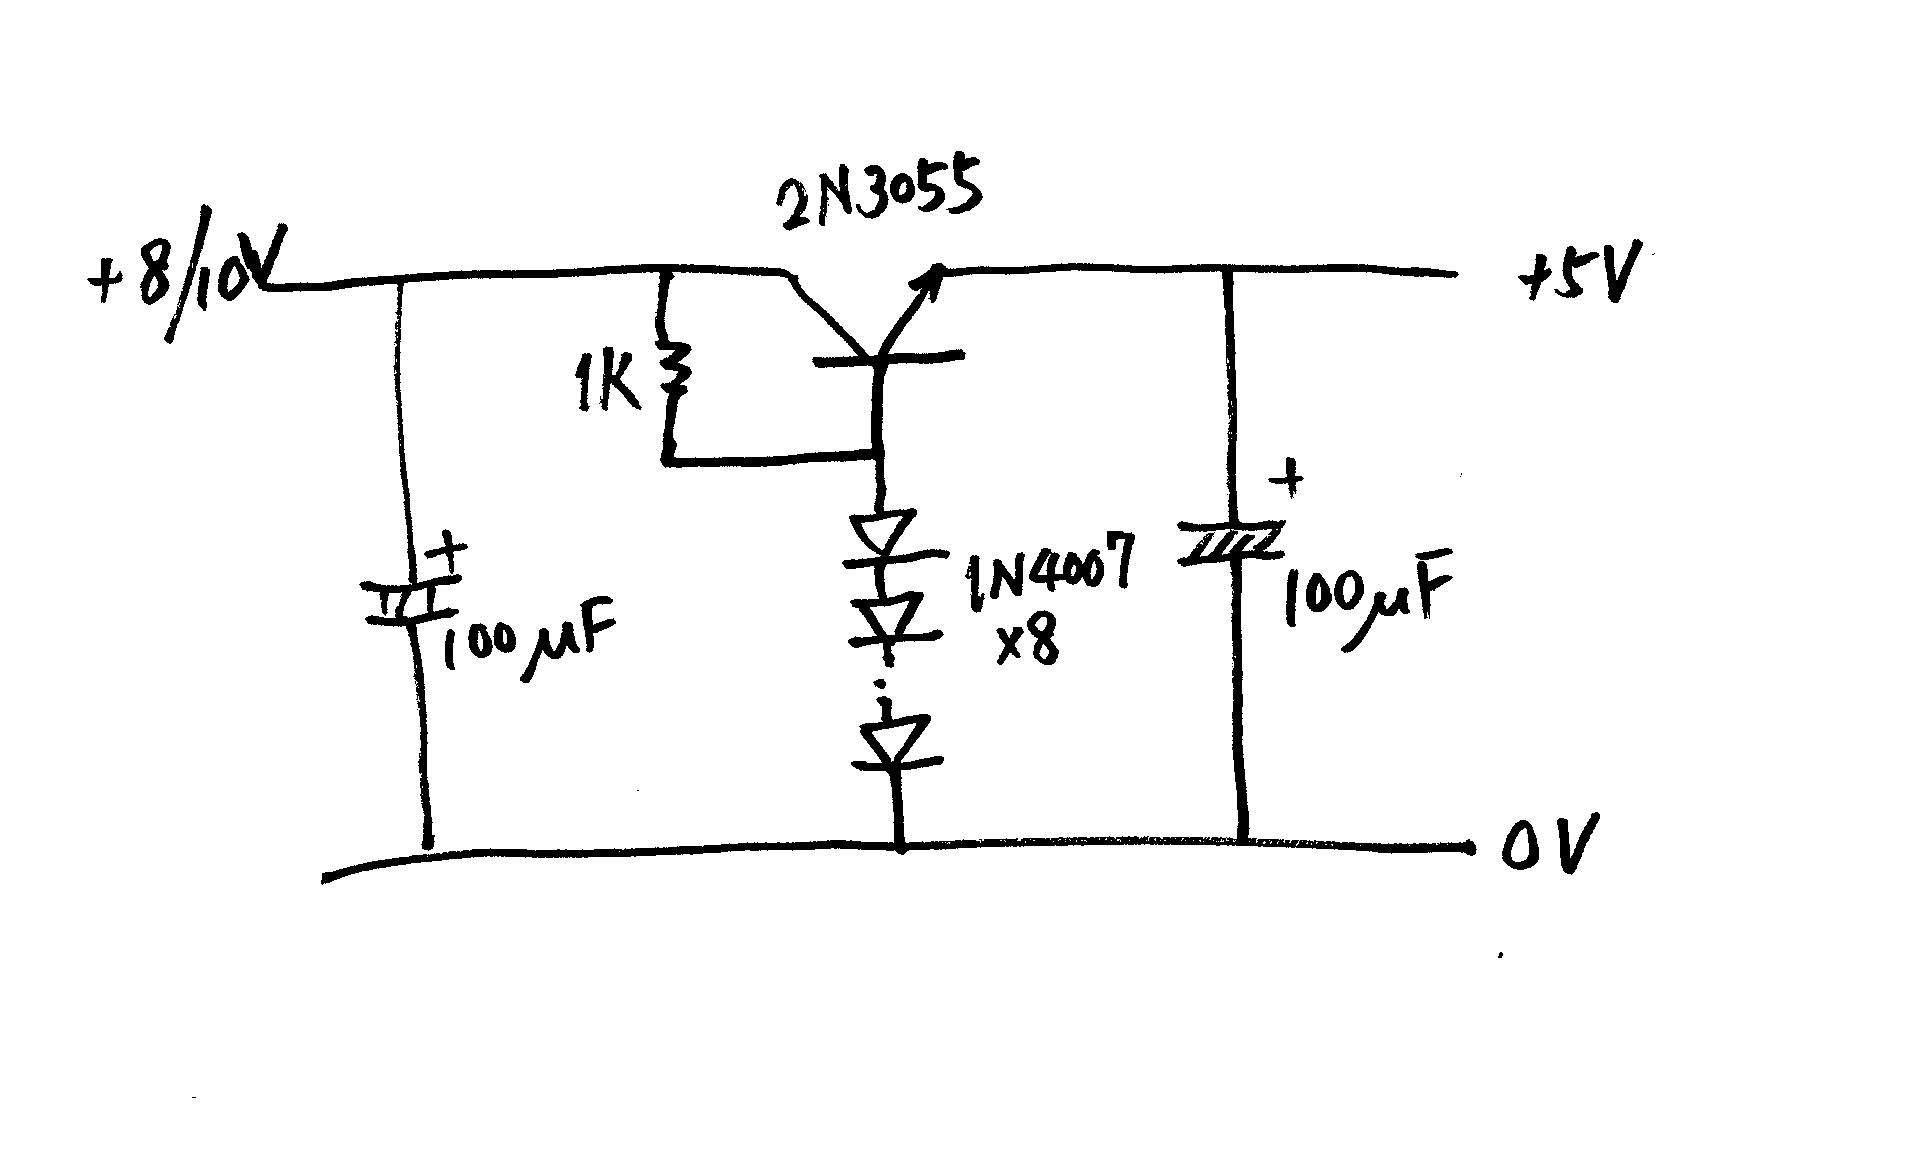 什么是分立元件电路 分立元件电路与集成电路的区别